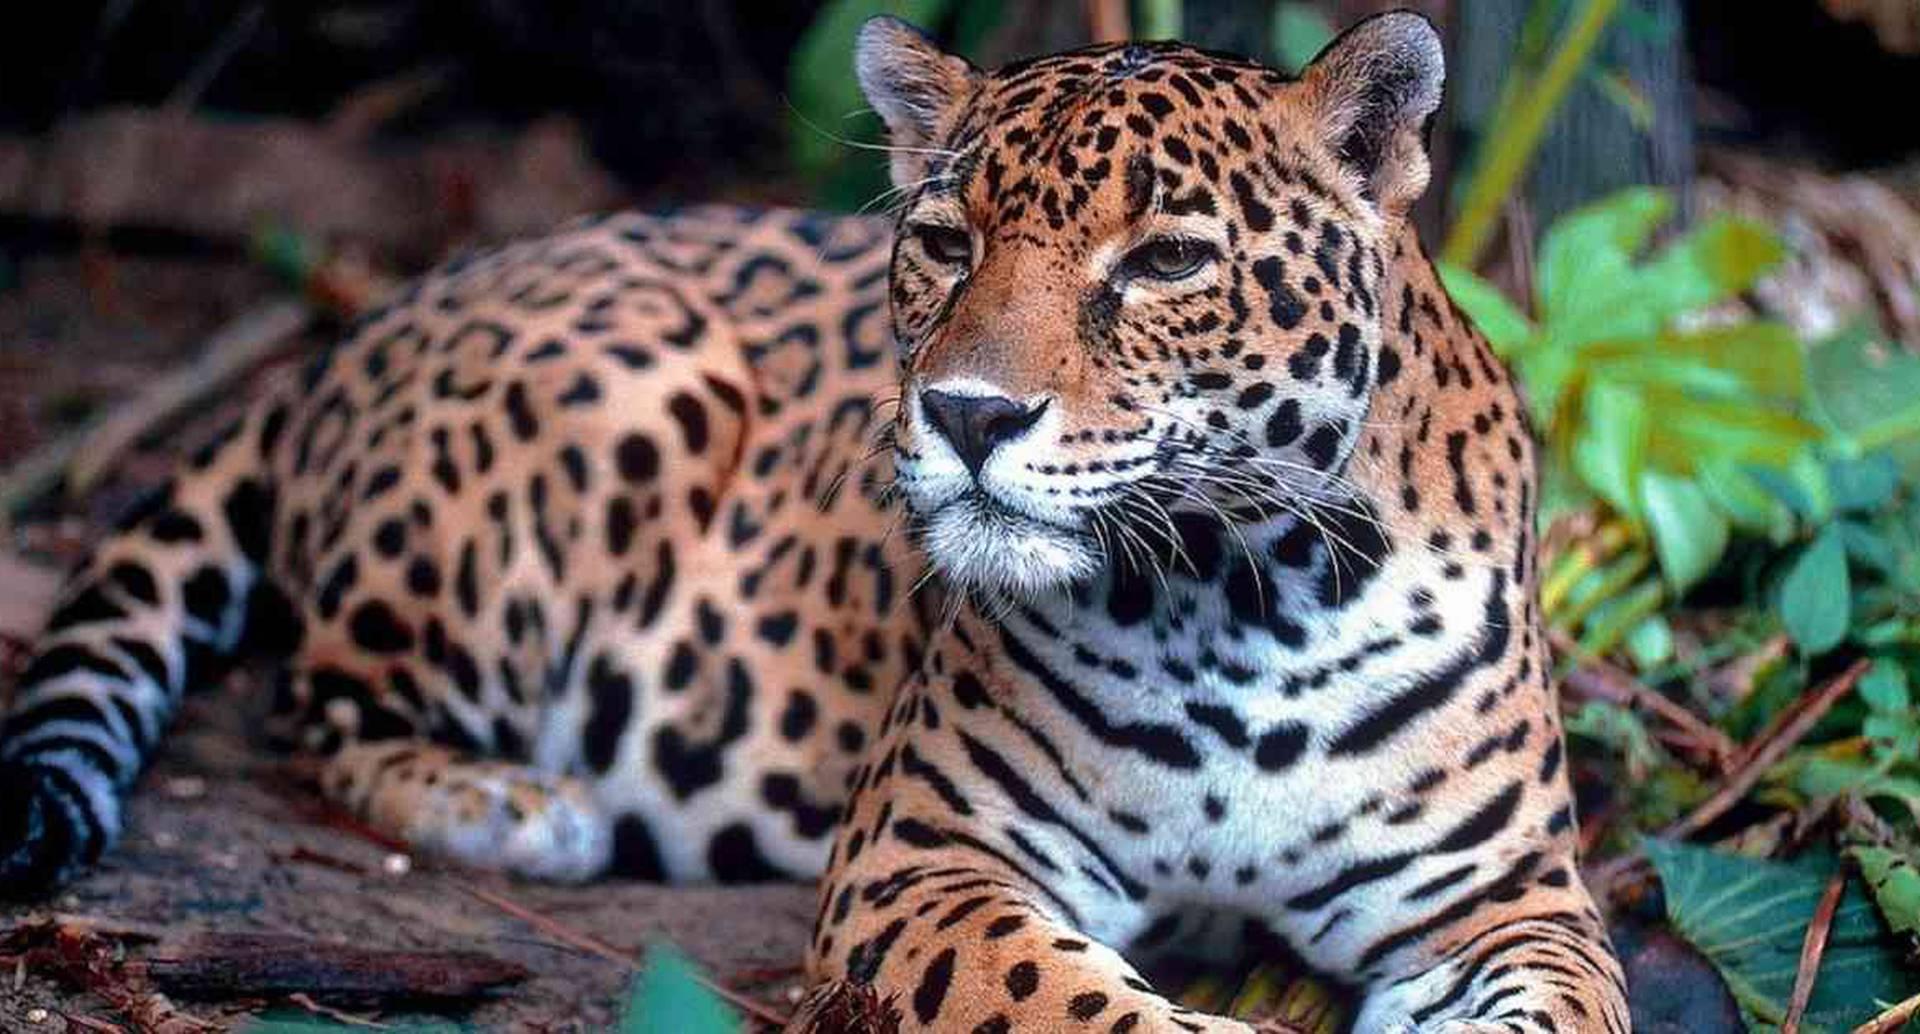 El jaguar es una de las especies más amenazadas en Latinoamérica. Foto: Pixabay